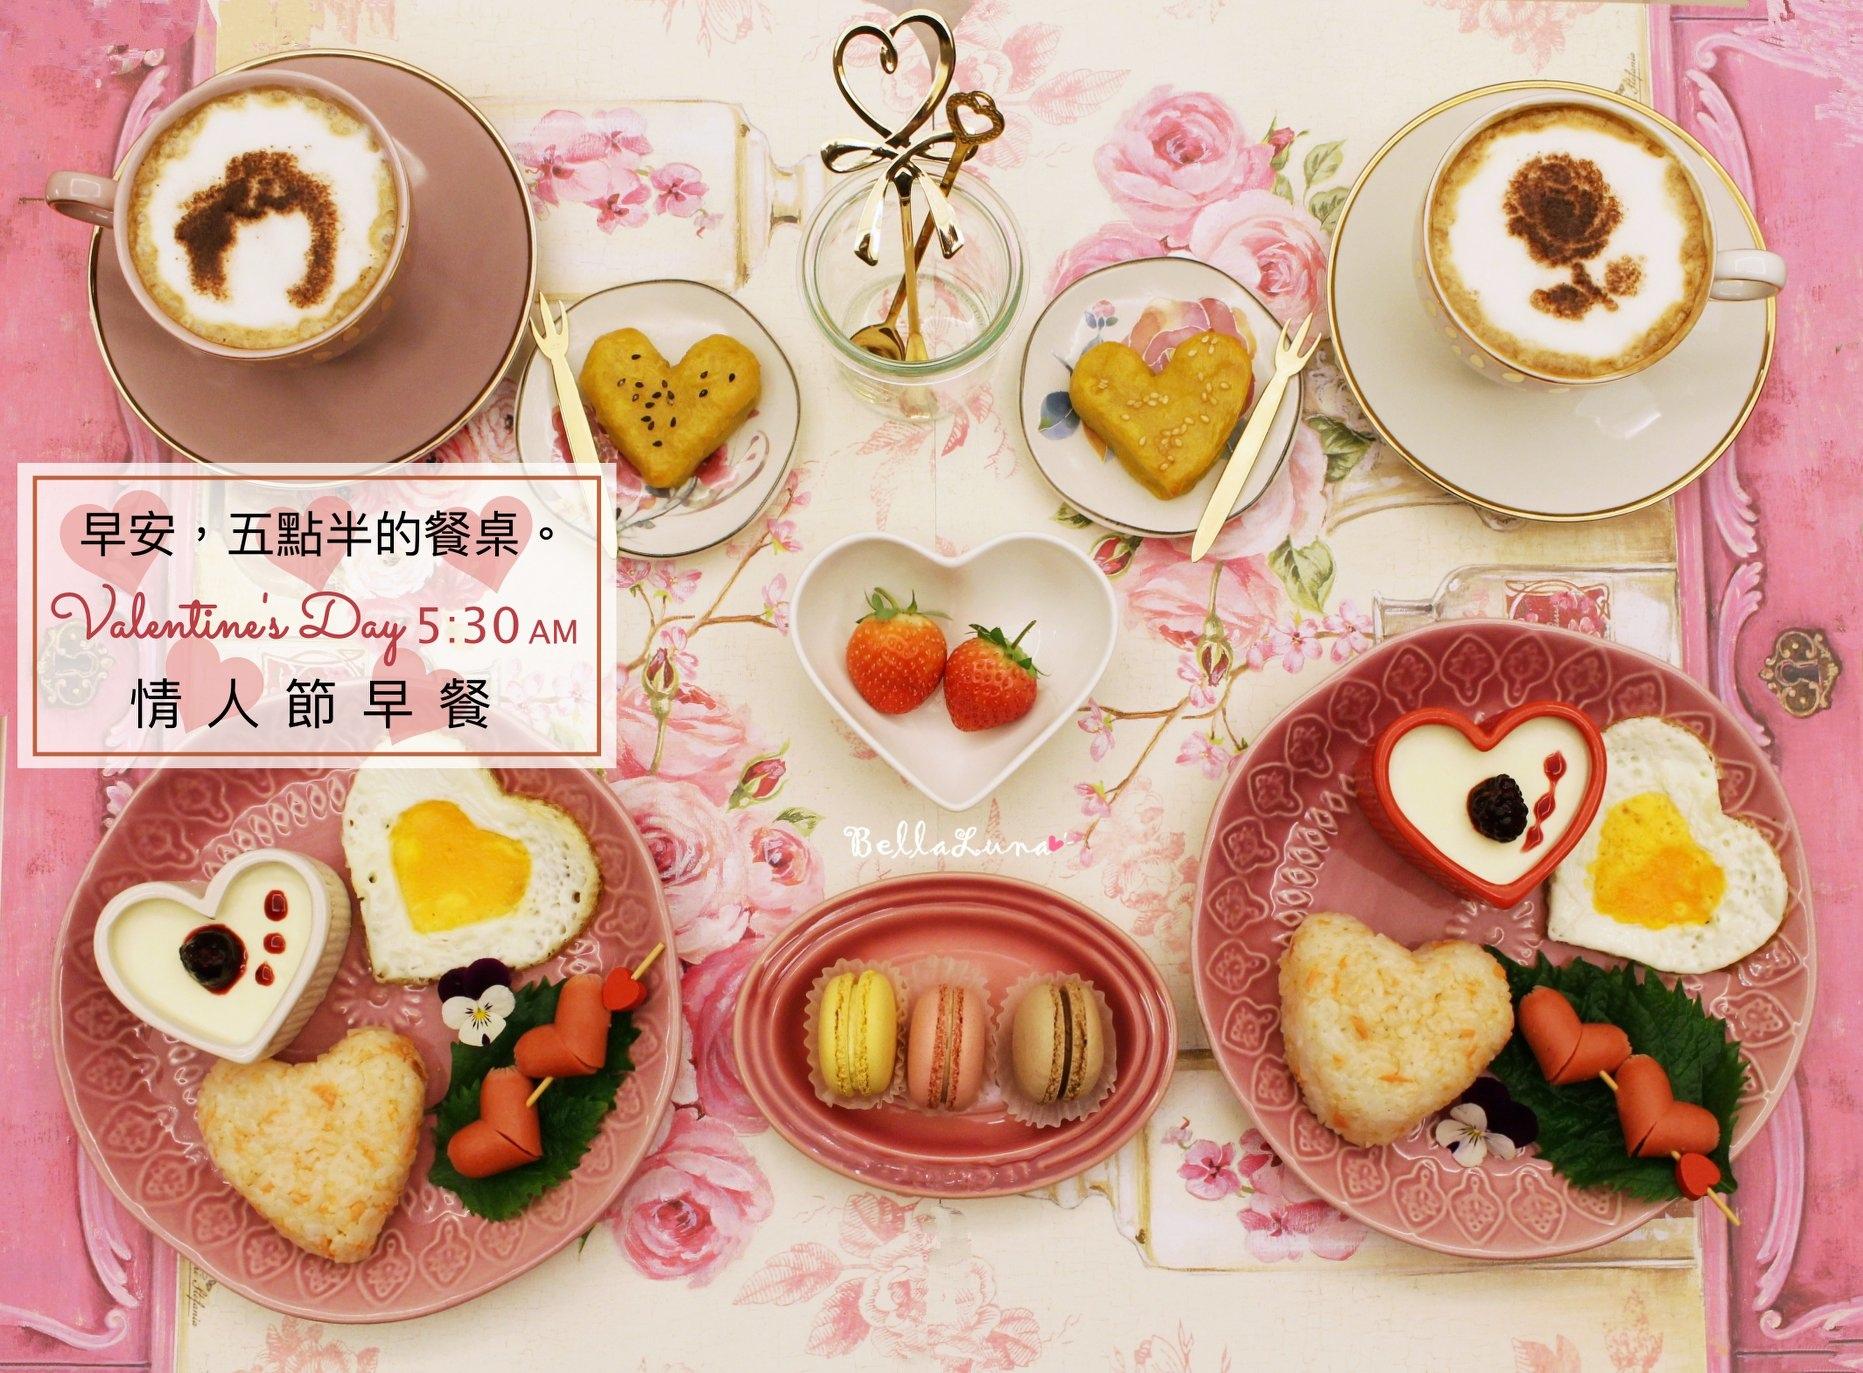 情人節早餐 1.jpg